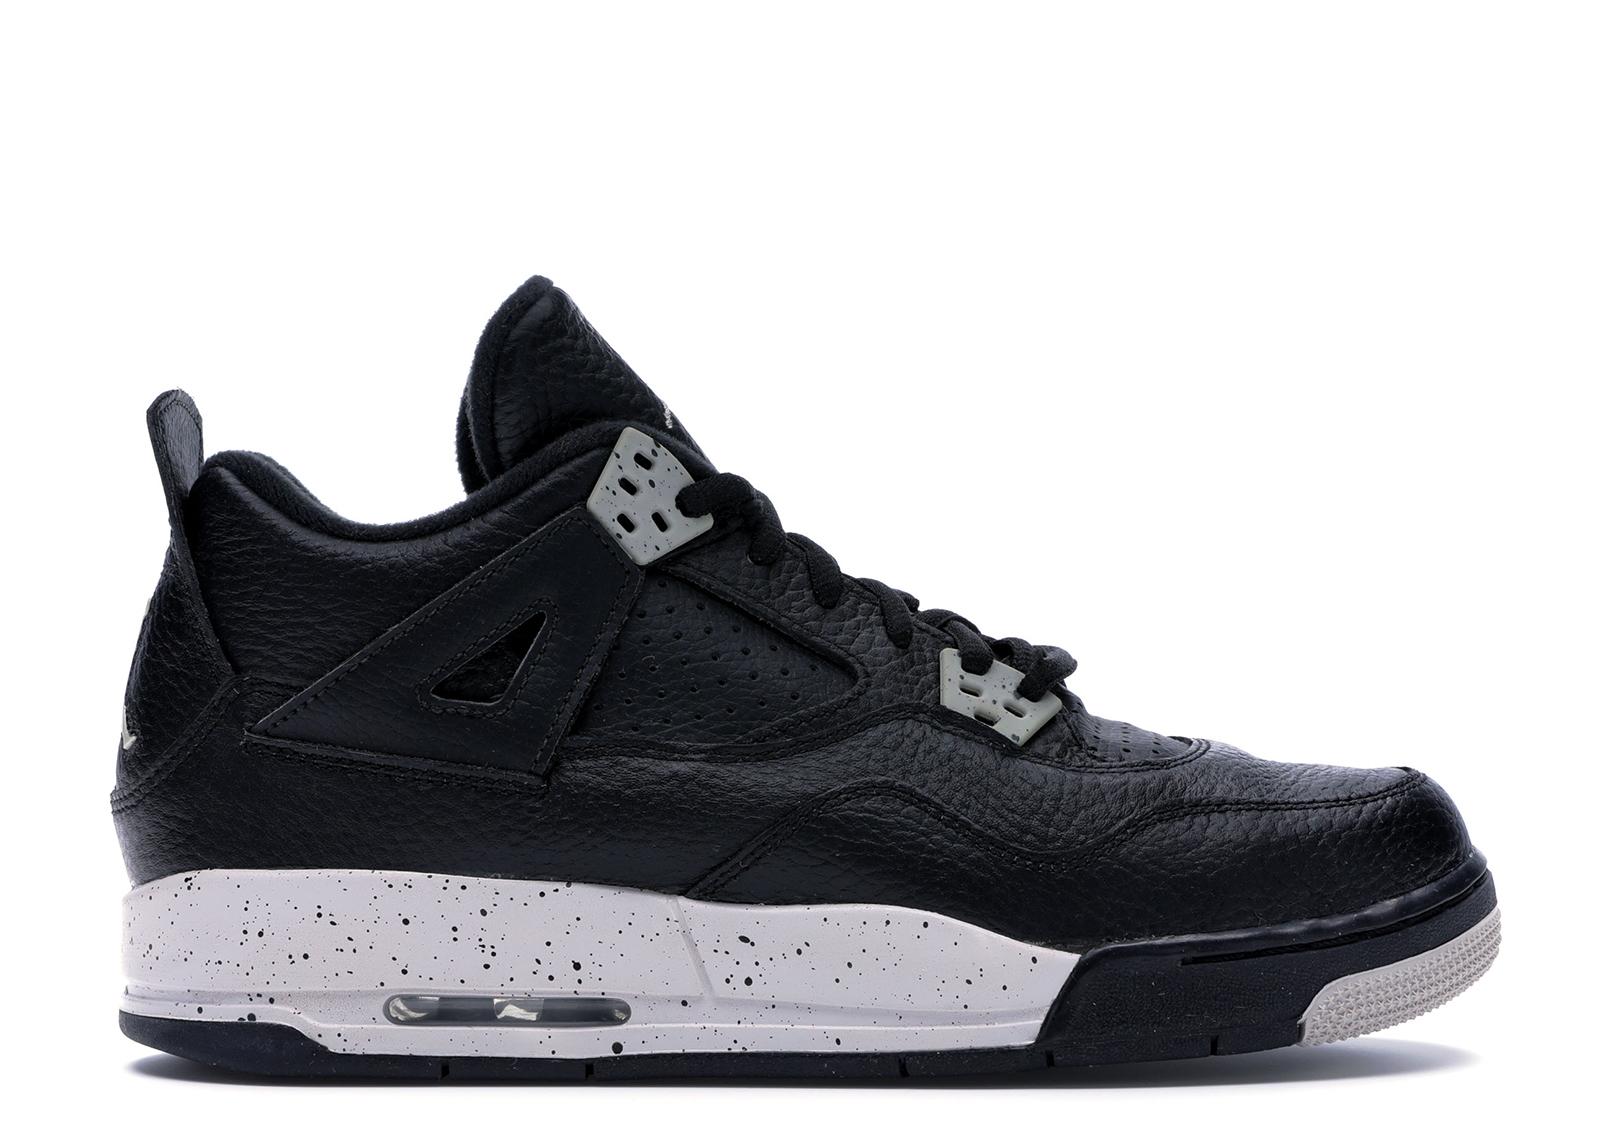 Jordan 4 Retro Oreo 2015 (GS) - 408452-003